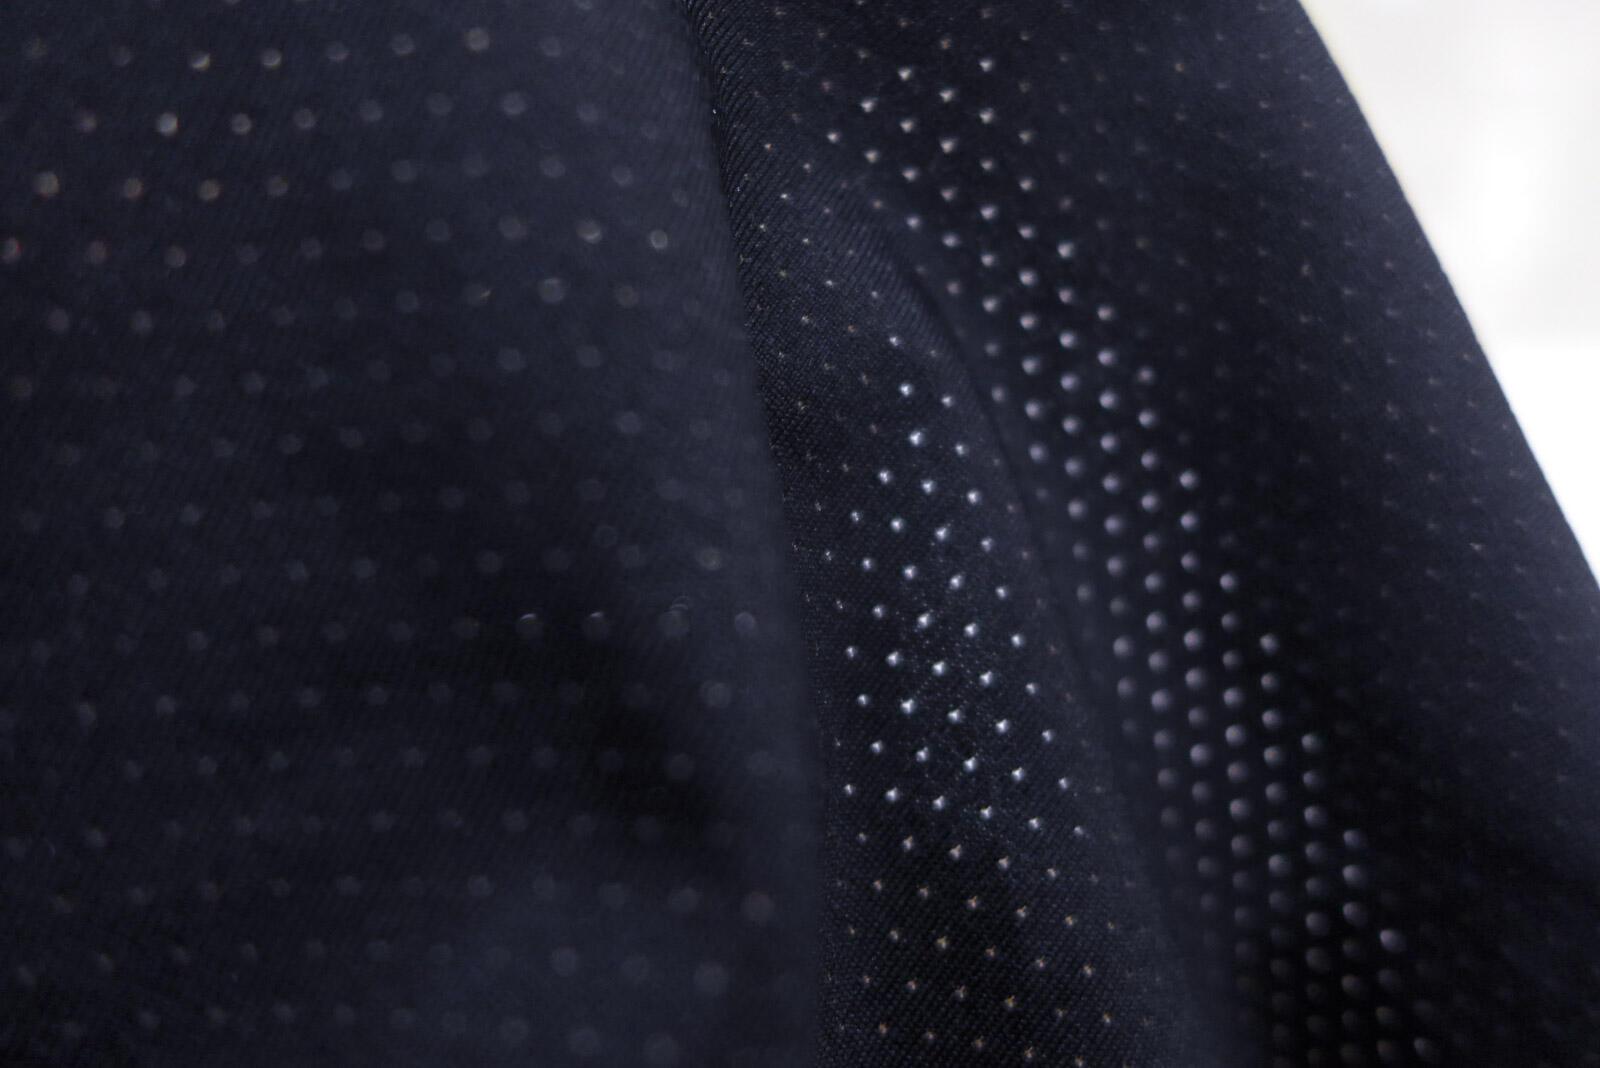 Chính thức ra mắt áo chạy bộ YCB – Trắng & Đen (Mới chỉ có áo cho nam)